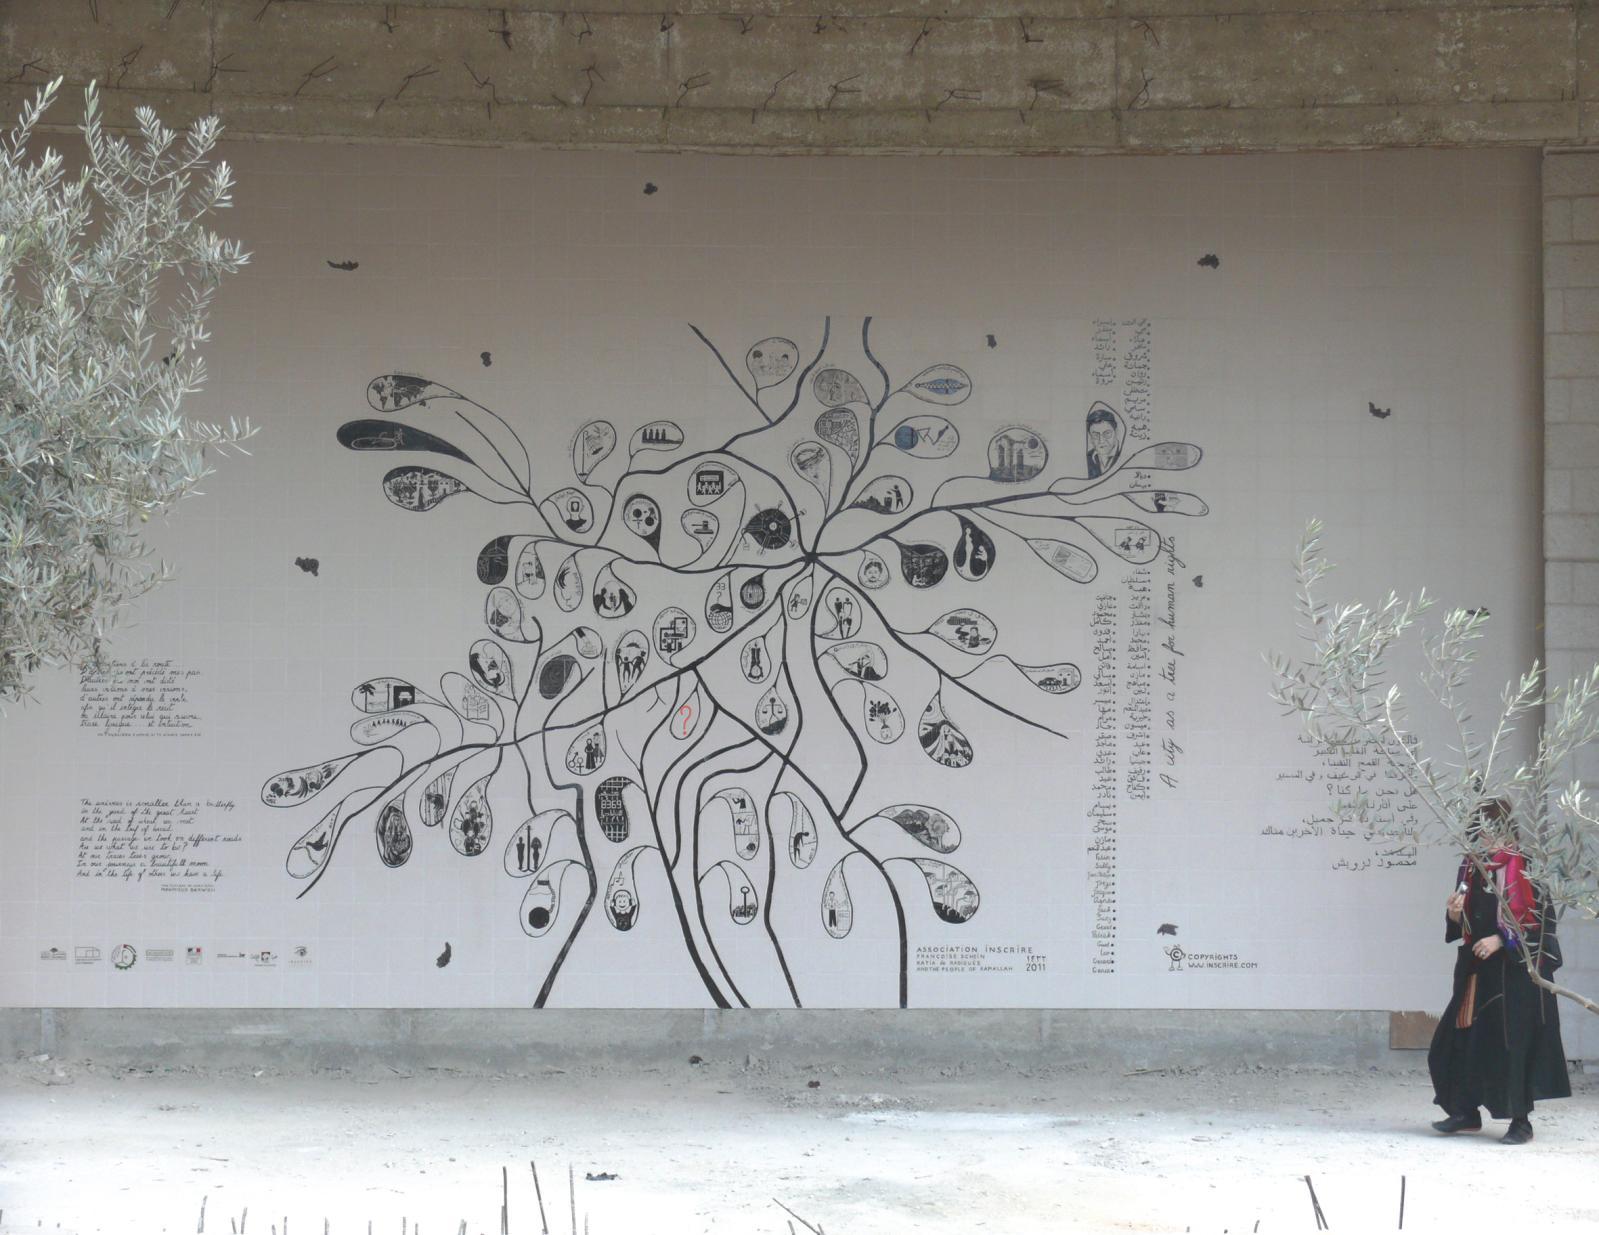 Françoise Schein, ACity as a Tree for Human Rights, 2009, œuvre participative sur la façade du théâtre municipal de Ramallah en Palestine